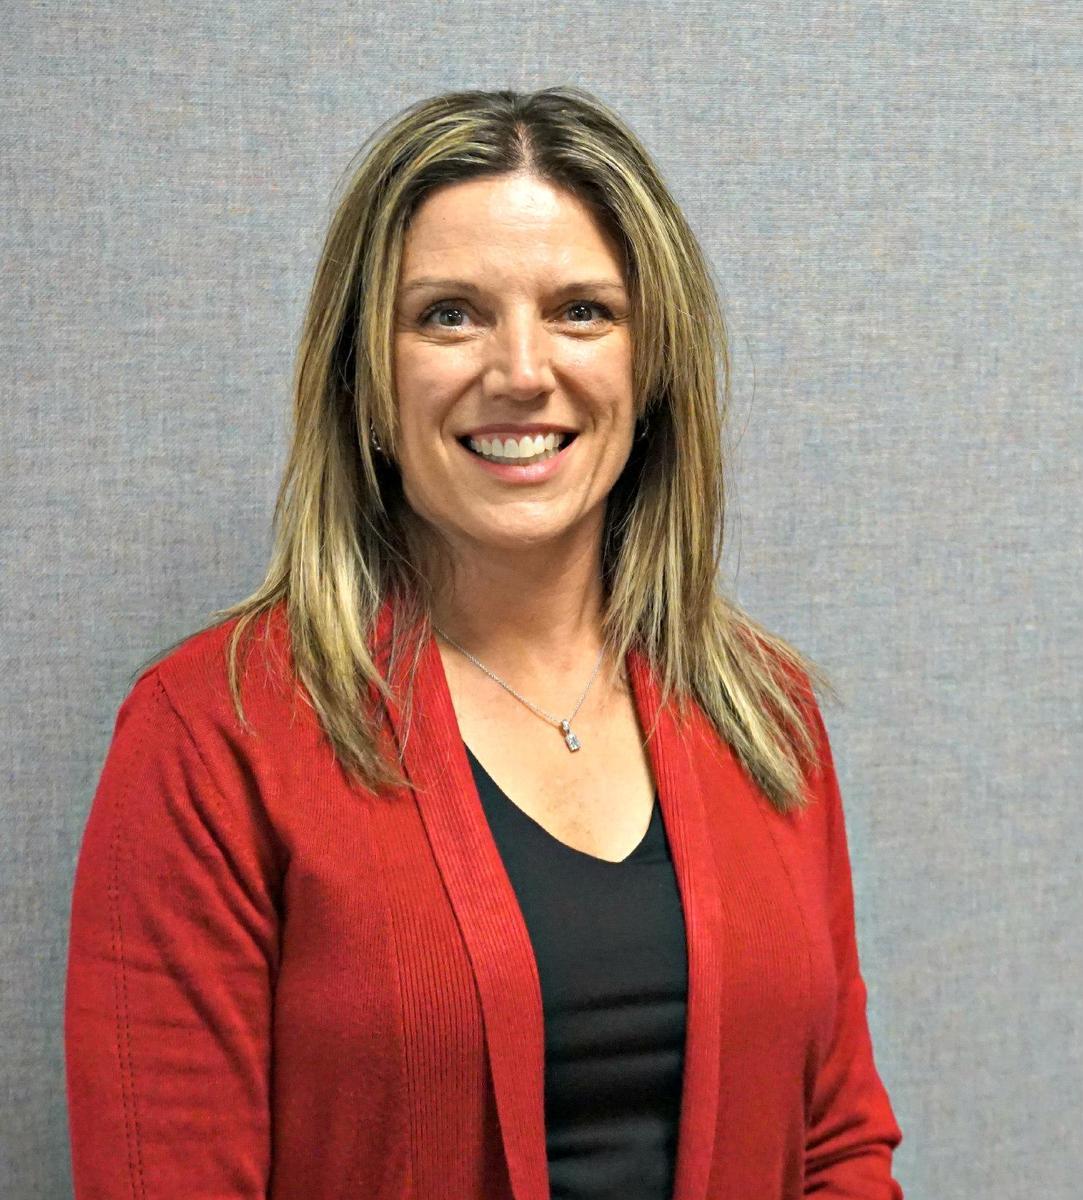 Lisa Boyd